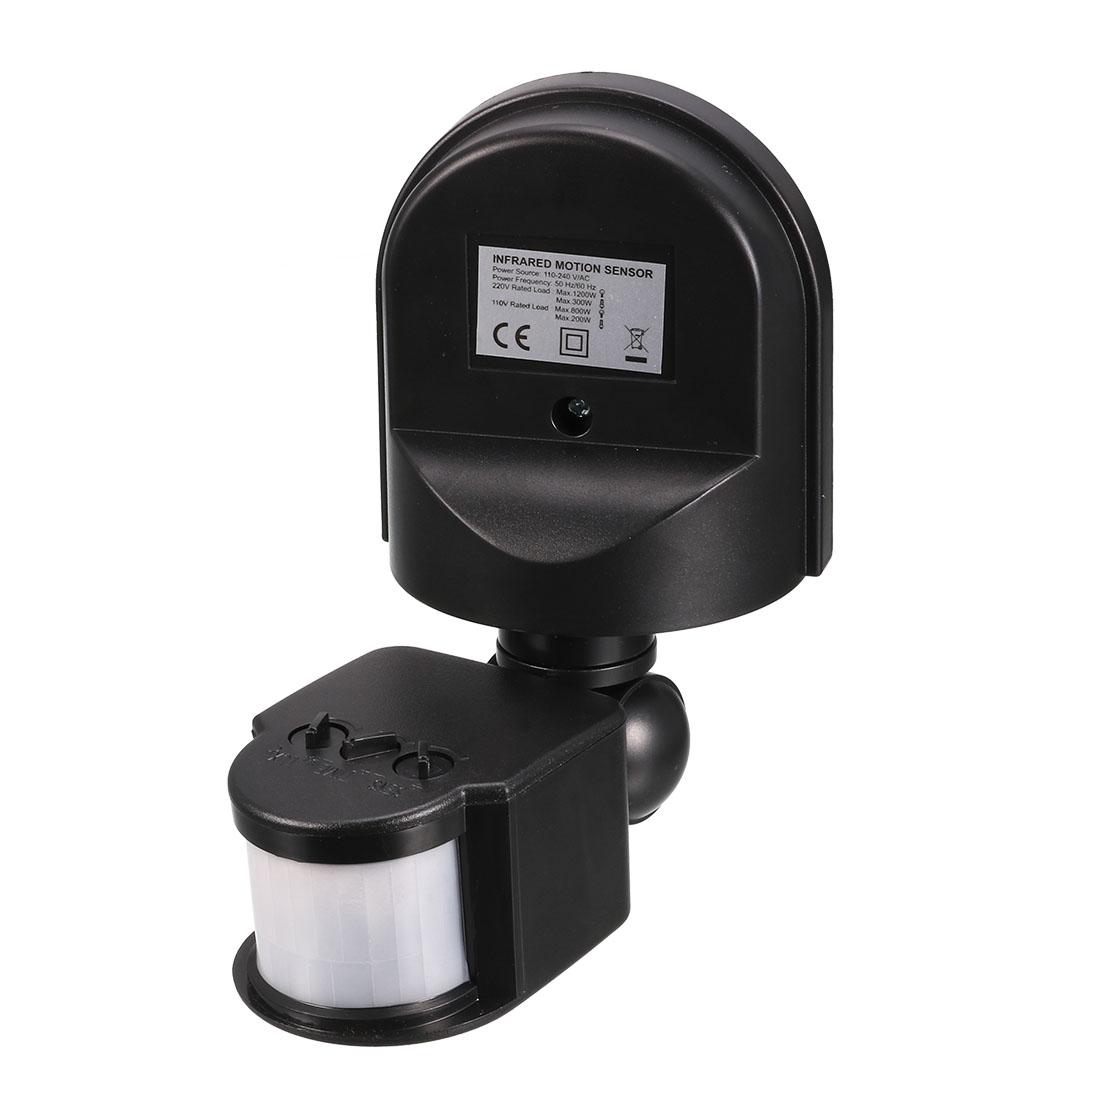 AC 110V-240V Outdoor Adjustable Infrared Body Motion PIR Sensor Detector Switch Black